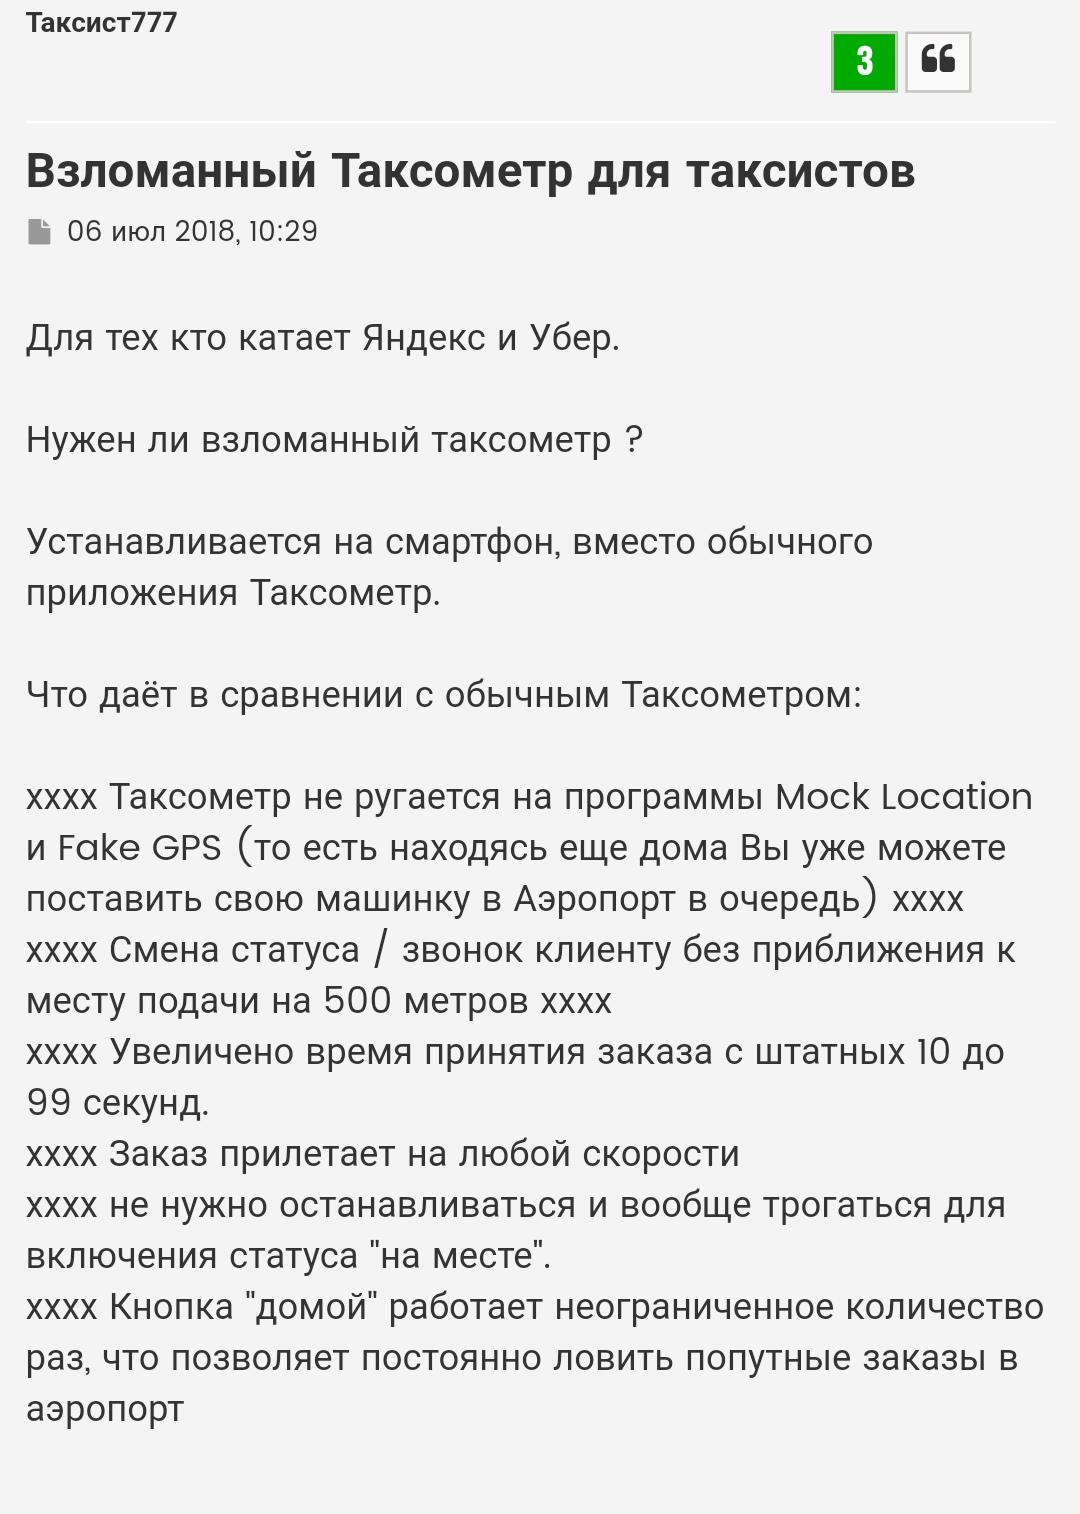 Как избавиться от дол##ебов Яндекс Такси